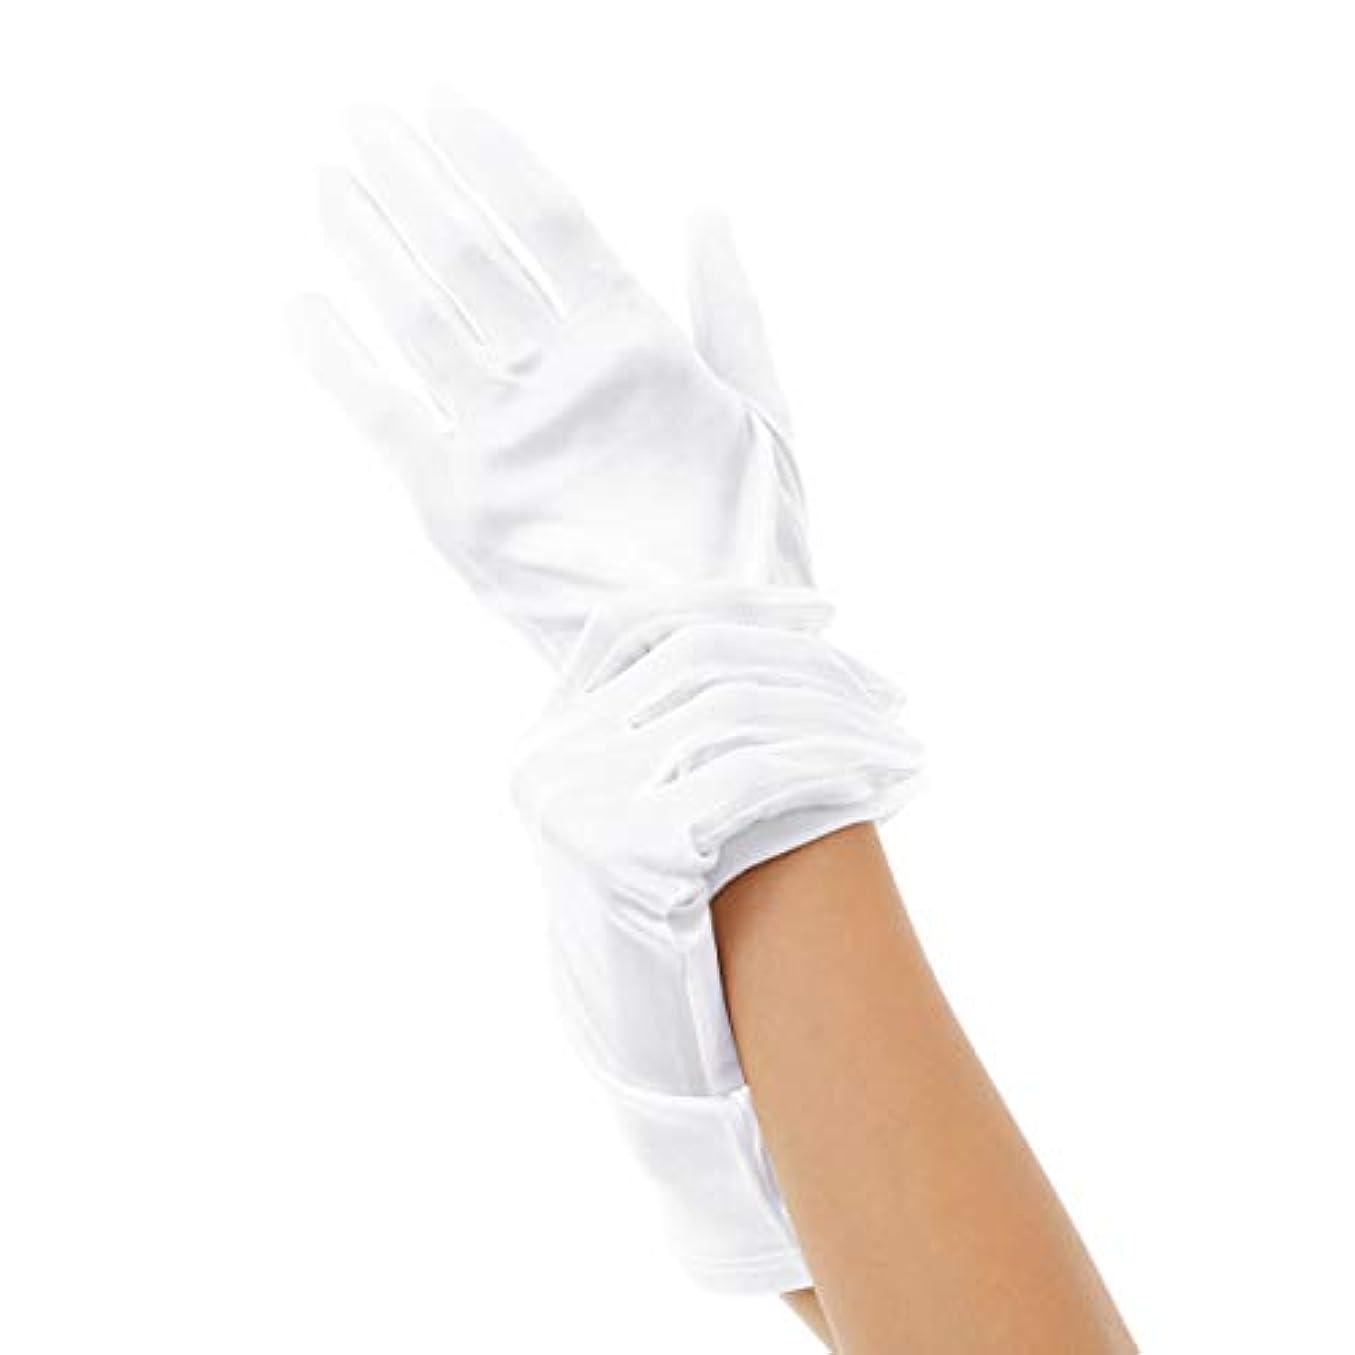 Silk 100% ハンドケア シルク 手袋 手首ゆるゆる おやすみ スキンケア グローブ 薄手のスムース素材 外出時の UV対策 や インナーグローブ にも最適 うるおい 保湿 ひび あかぎれ 保護 (L, ホワイト)